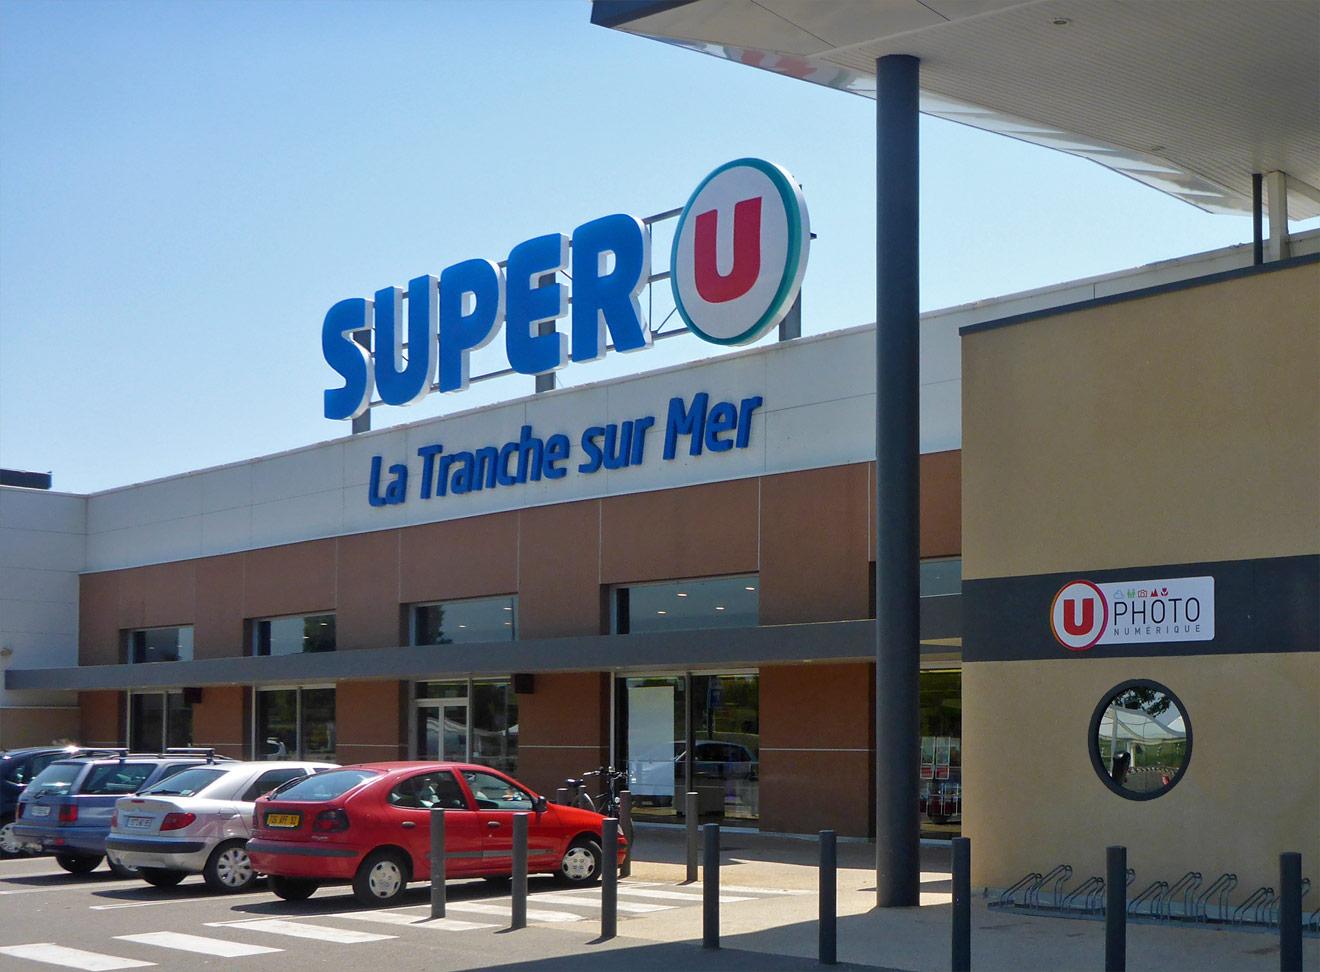 Supermarkt in Frankreich